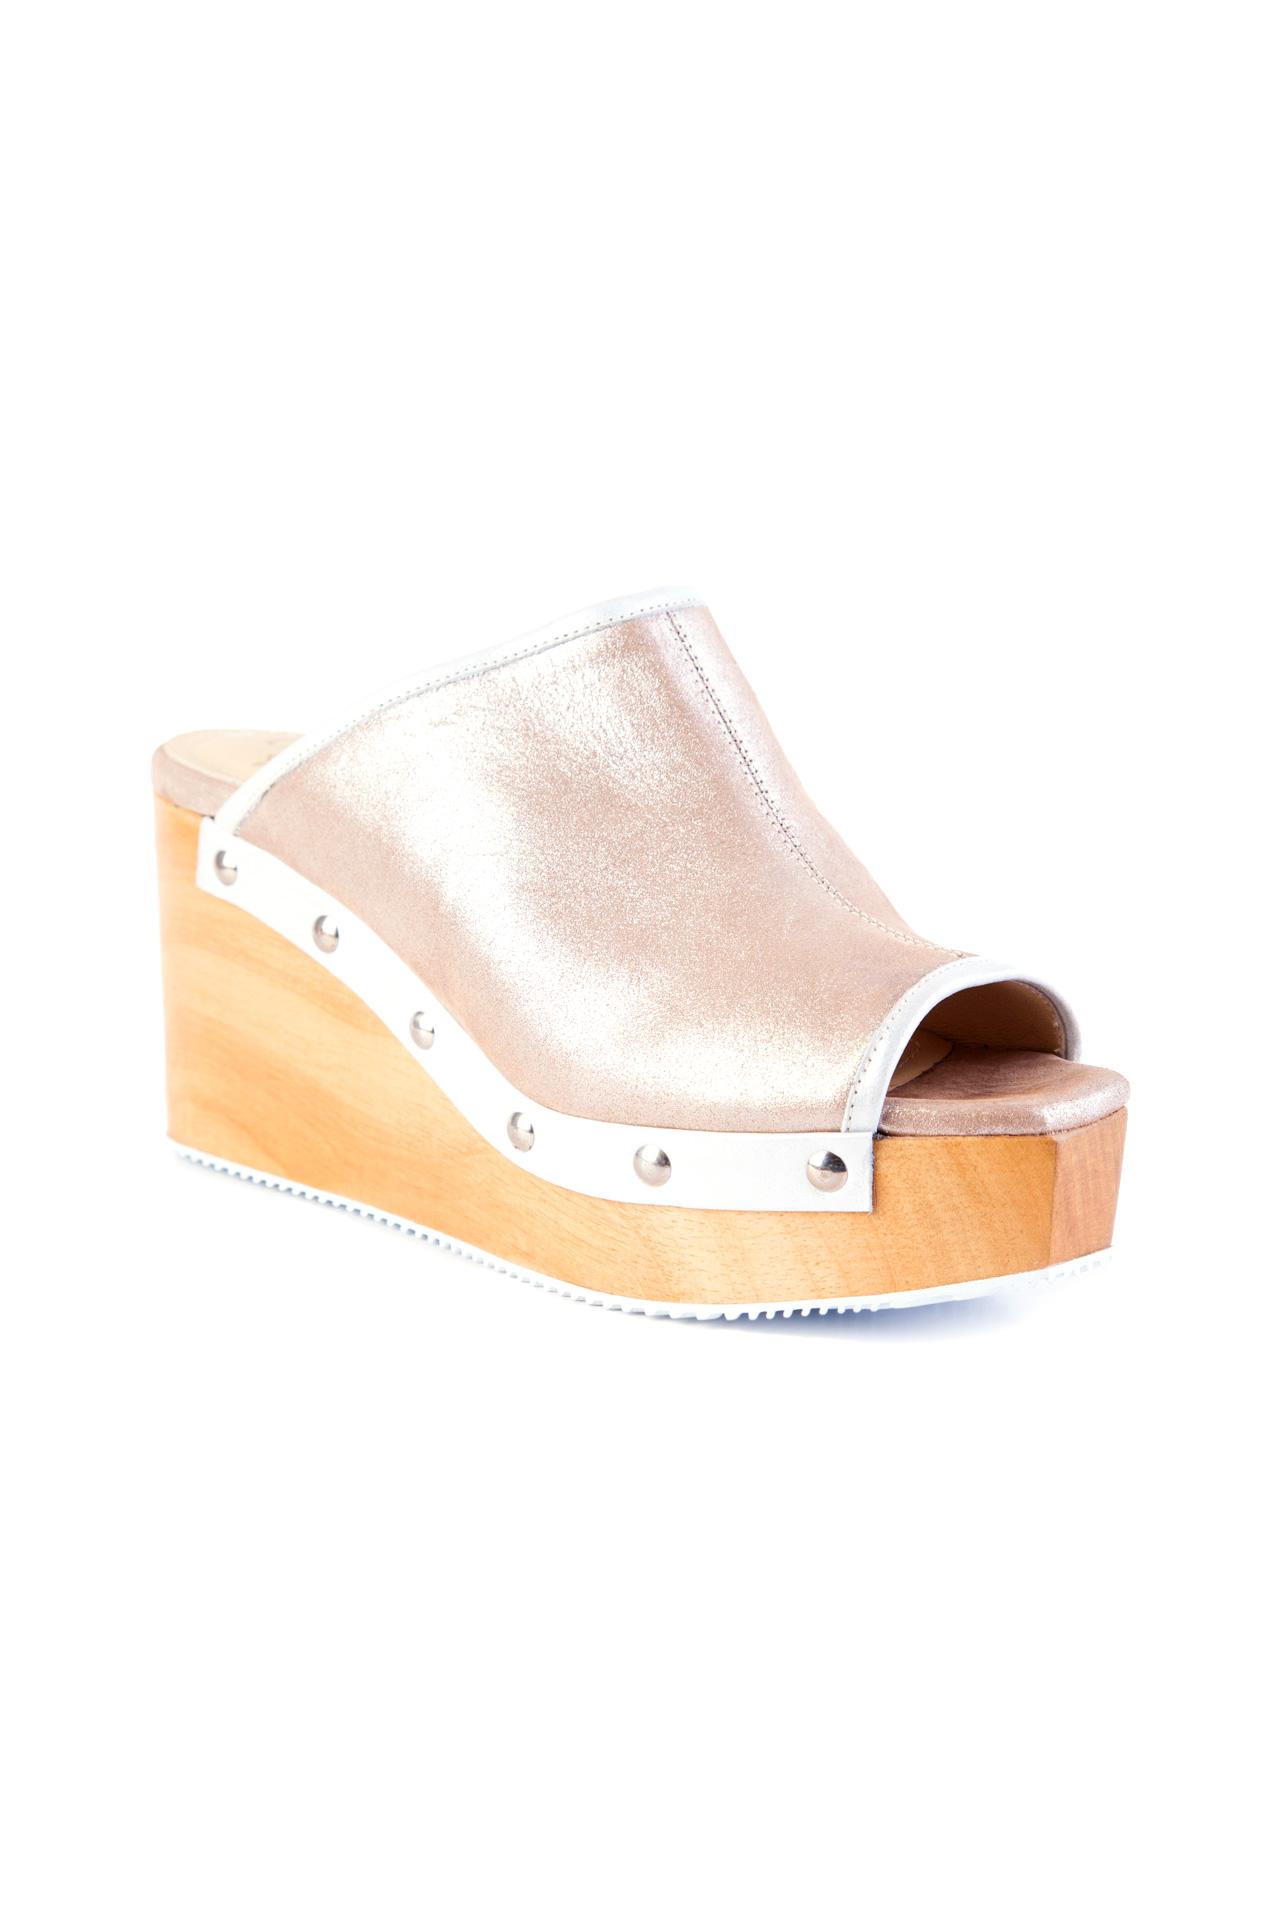 Zapatos taco cuña de madera.